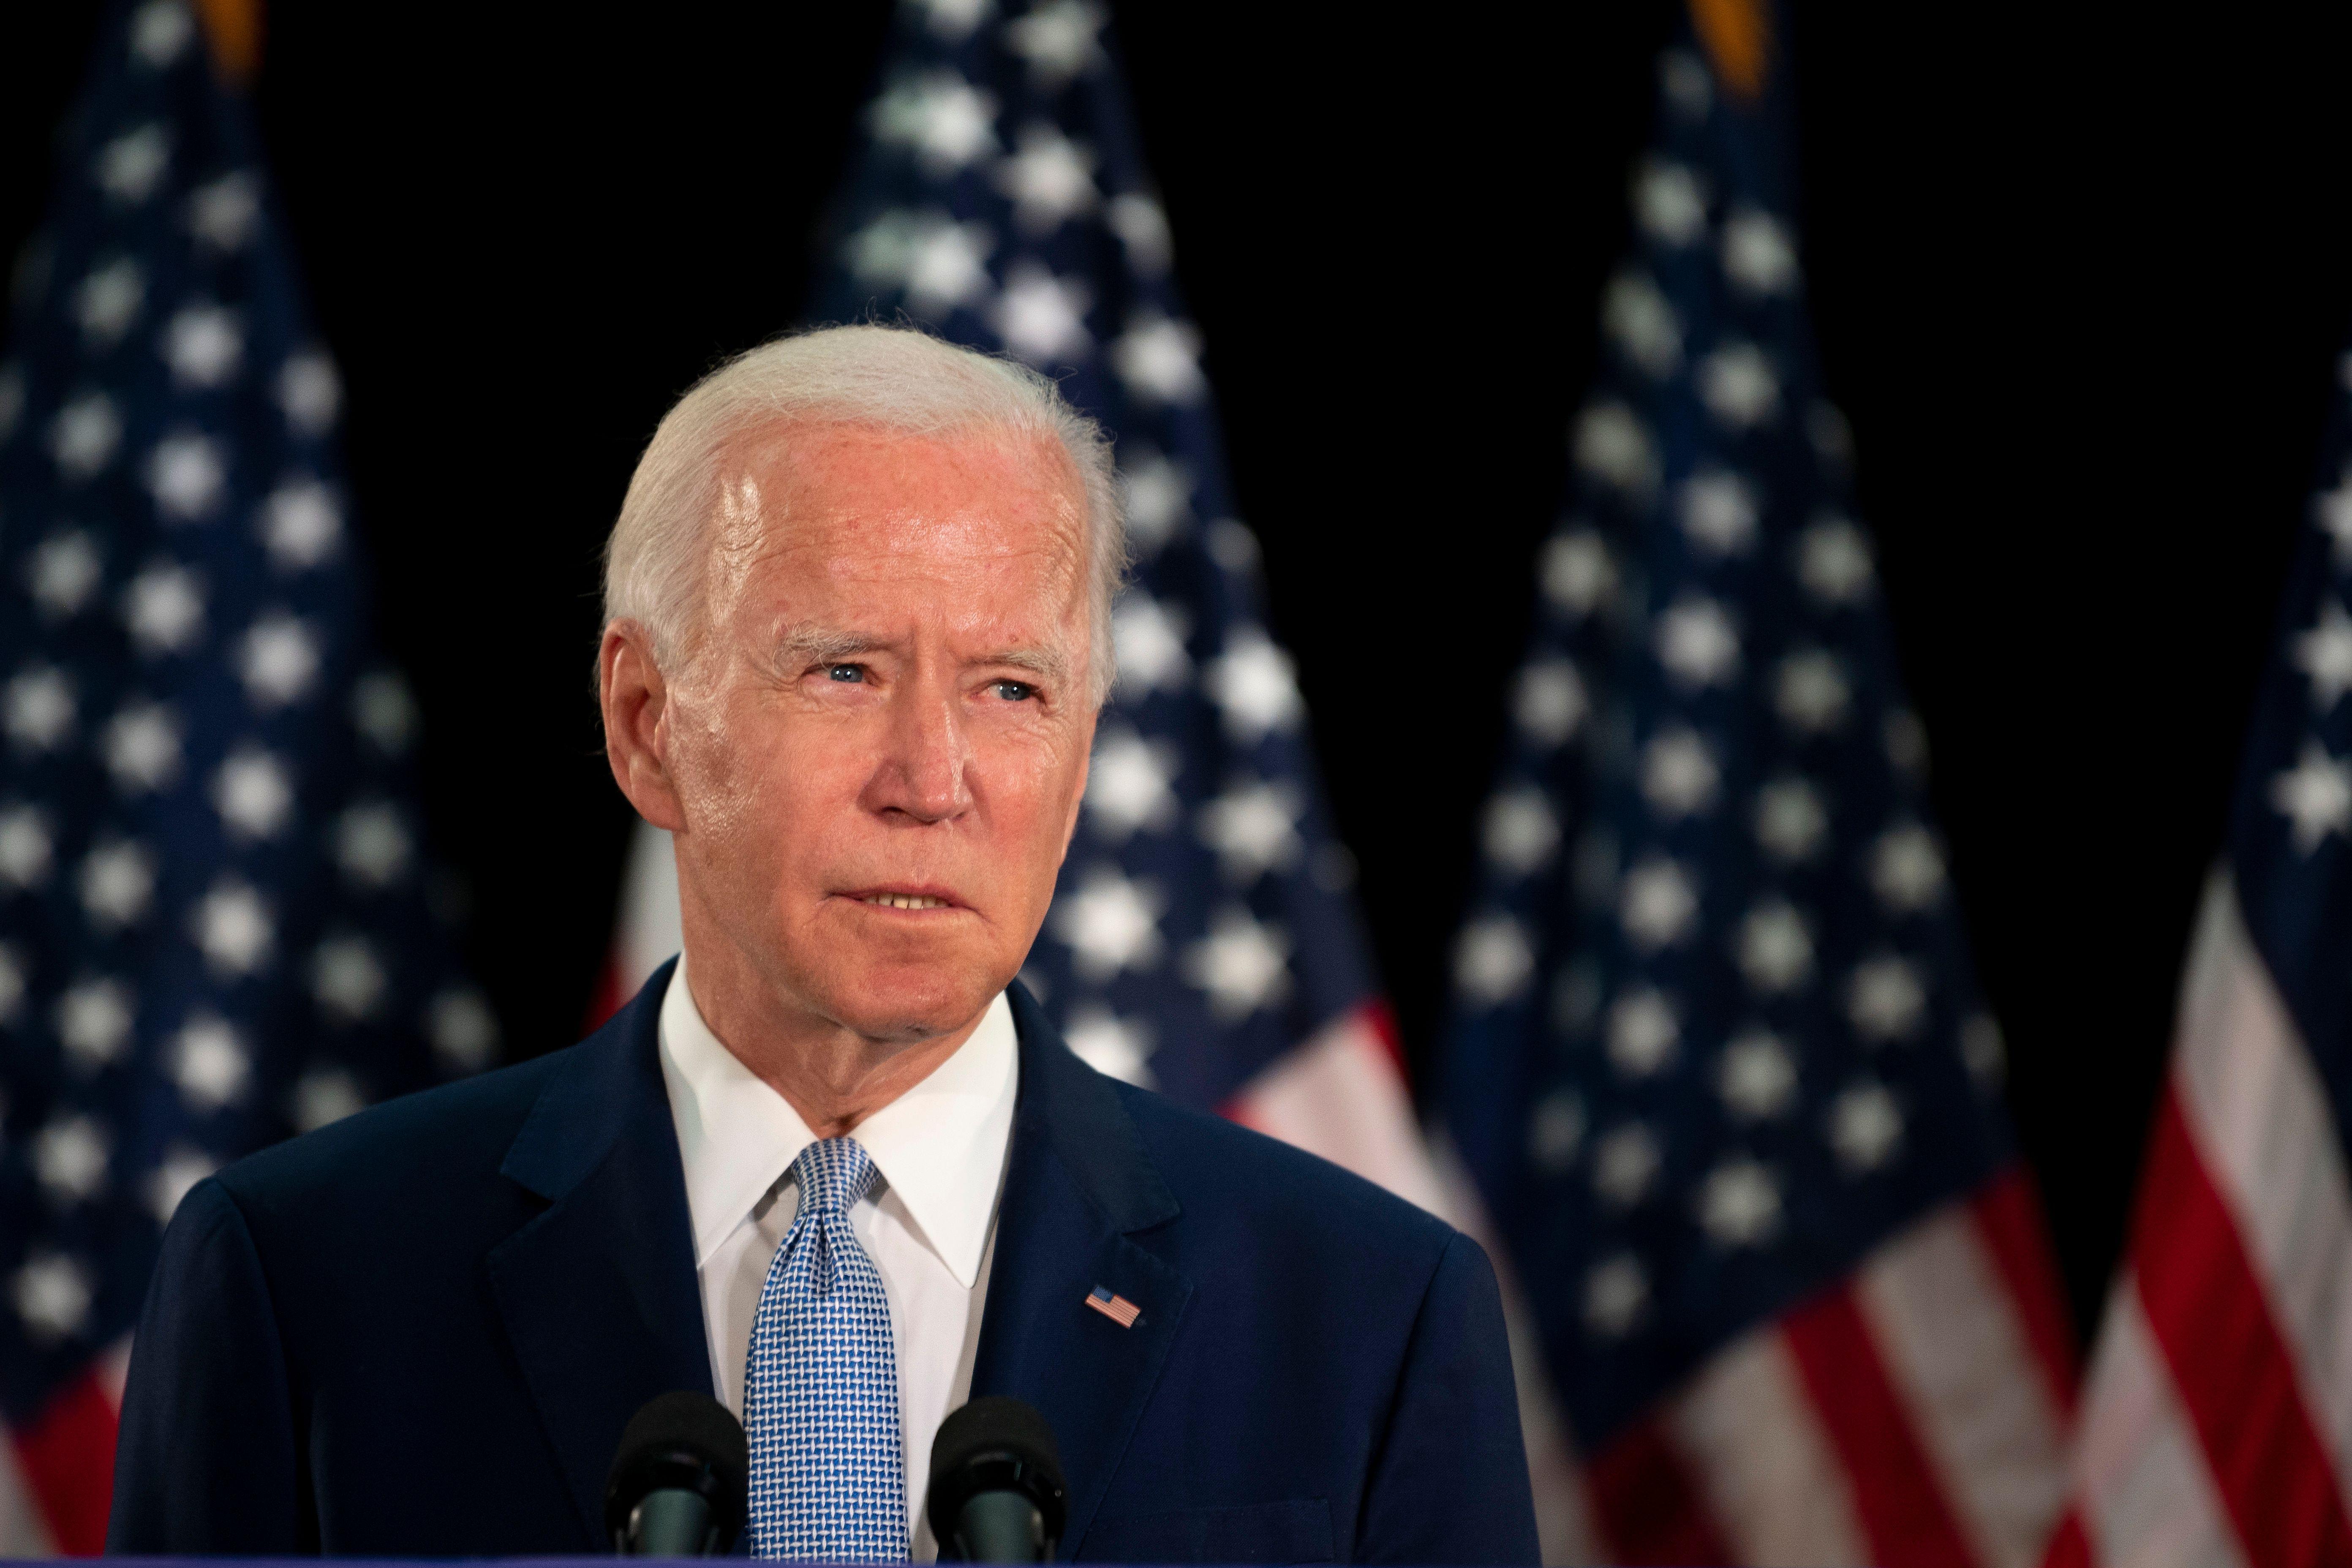 Joe Biden to travel to Texas to meet with George Floyd's family thumbnail